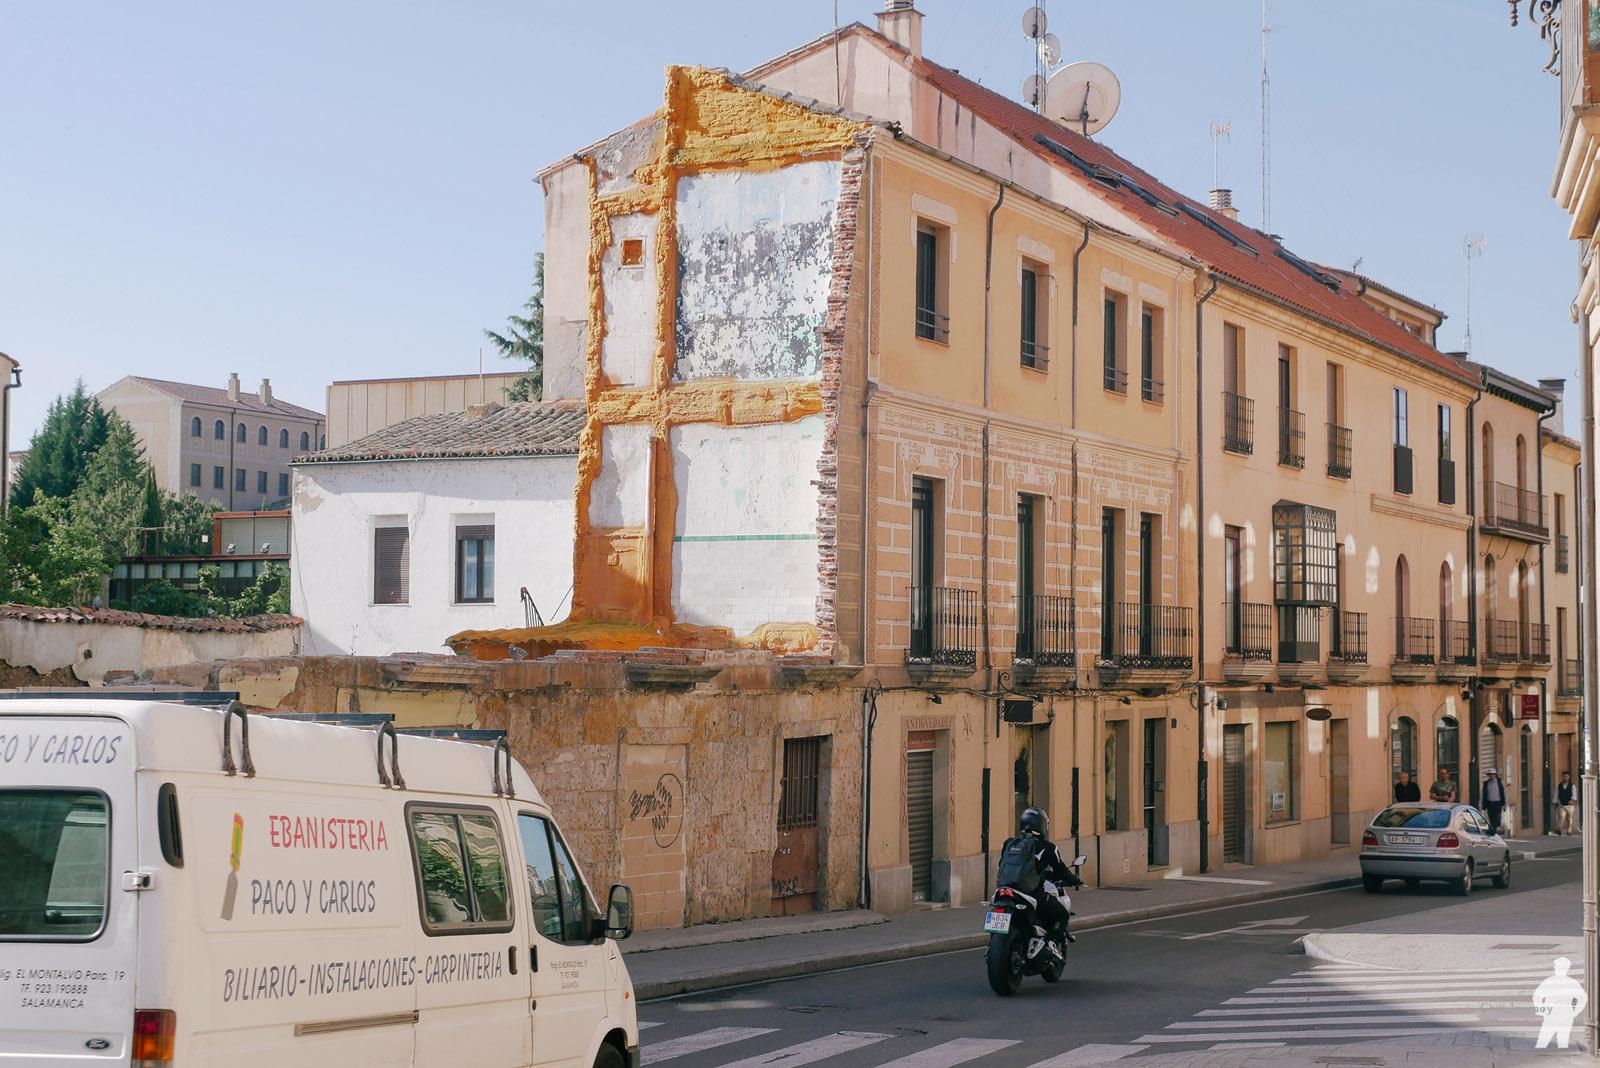 Spain_00200